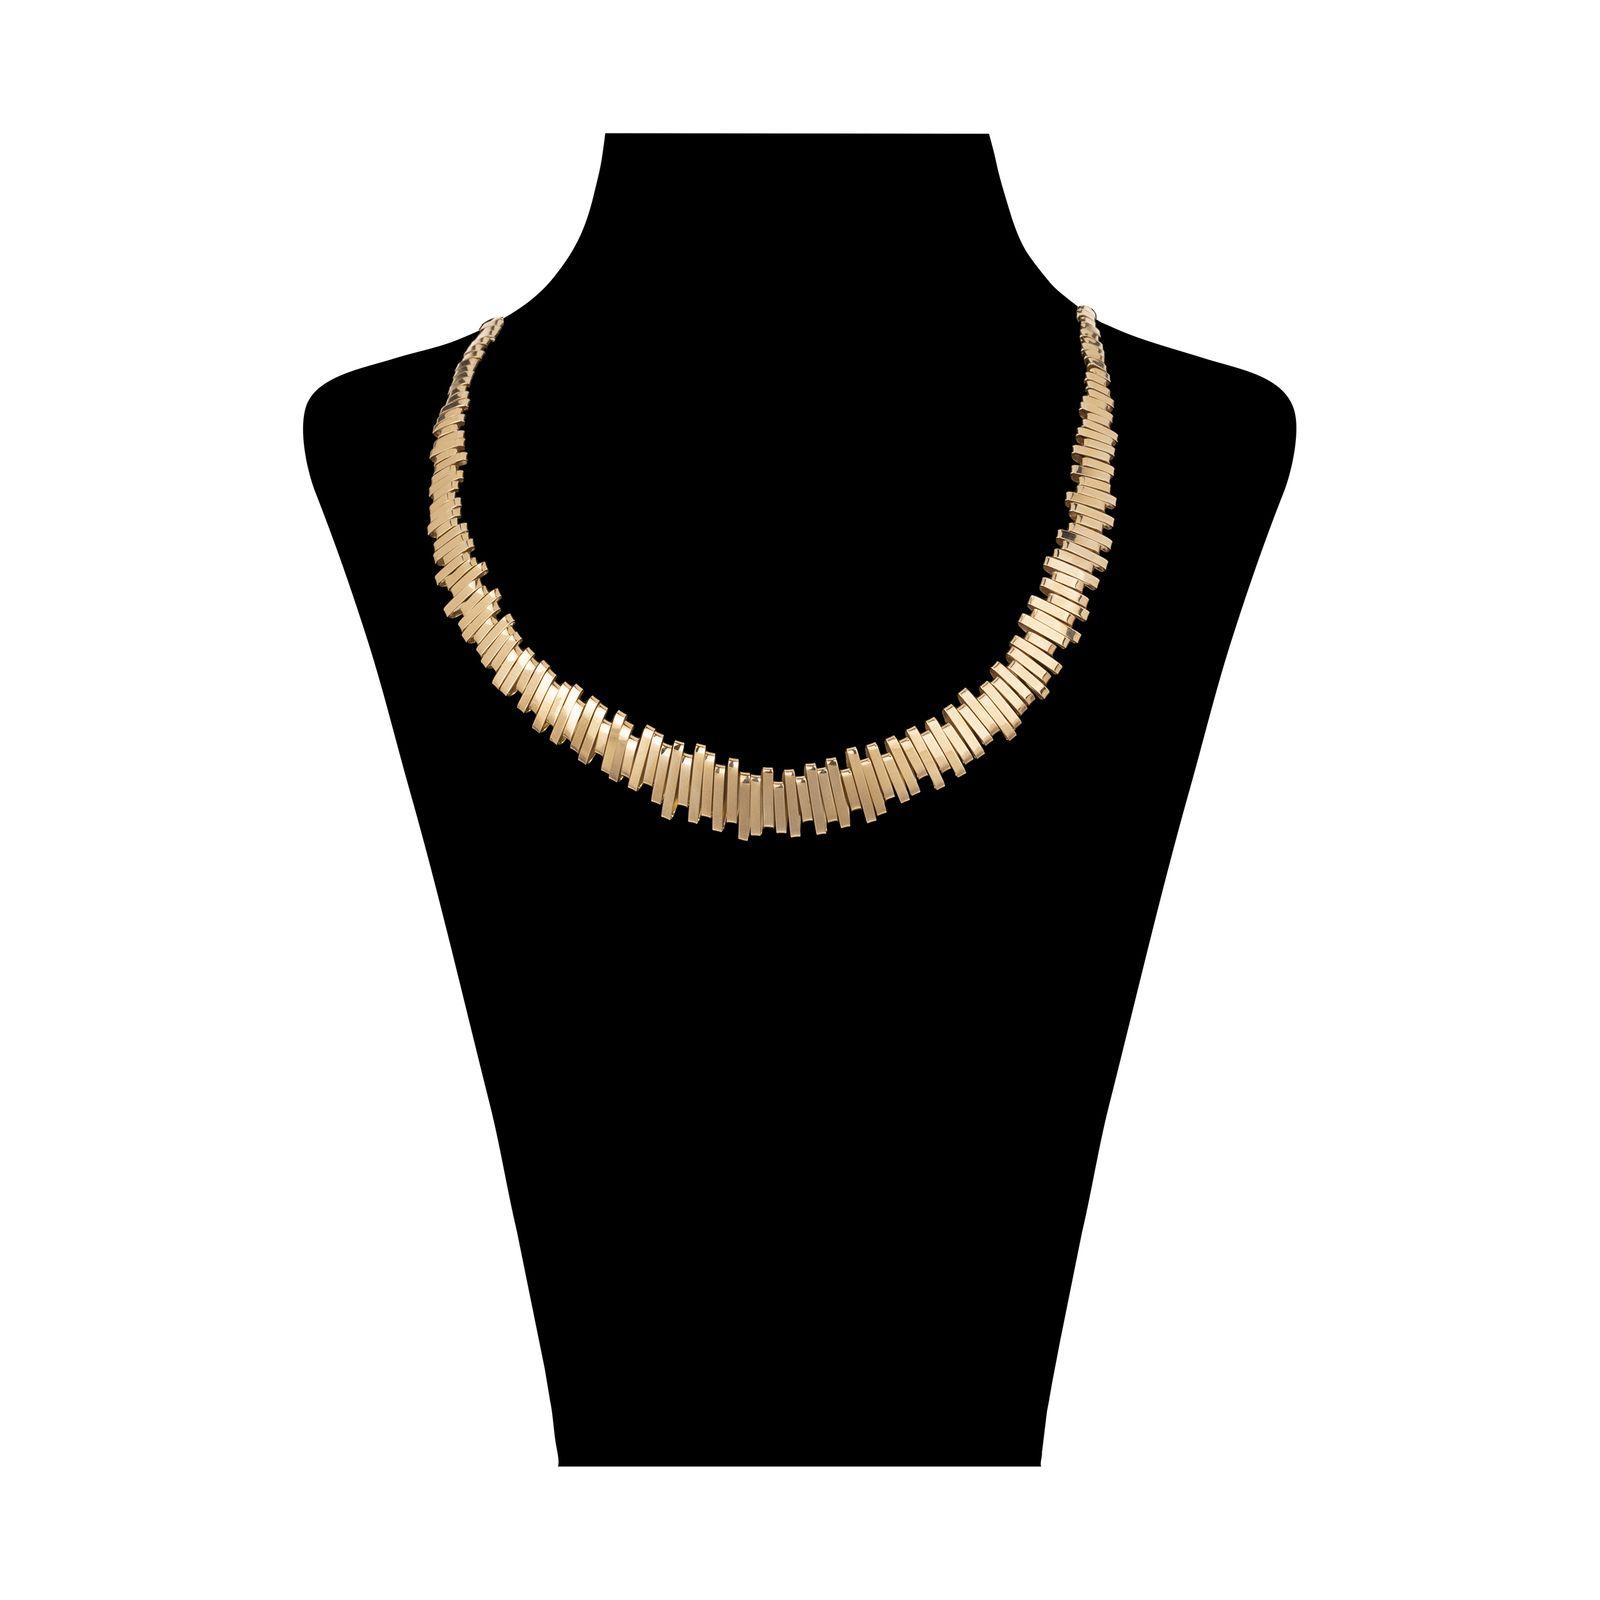 گردنبند طلا 18 عیار زنانه سنجاق مدل X069550 -  - 1